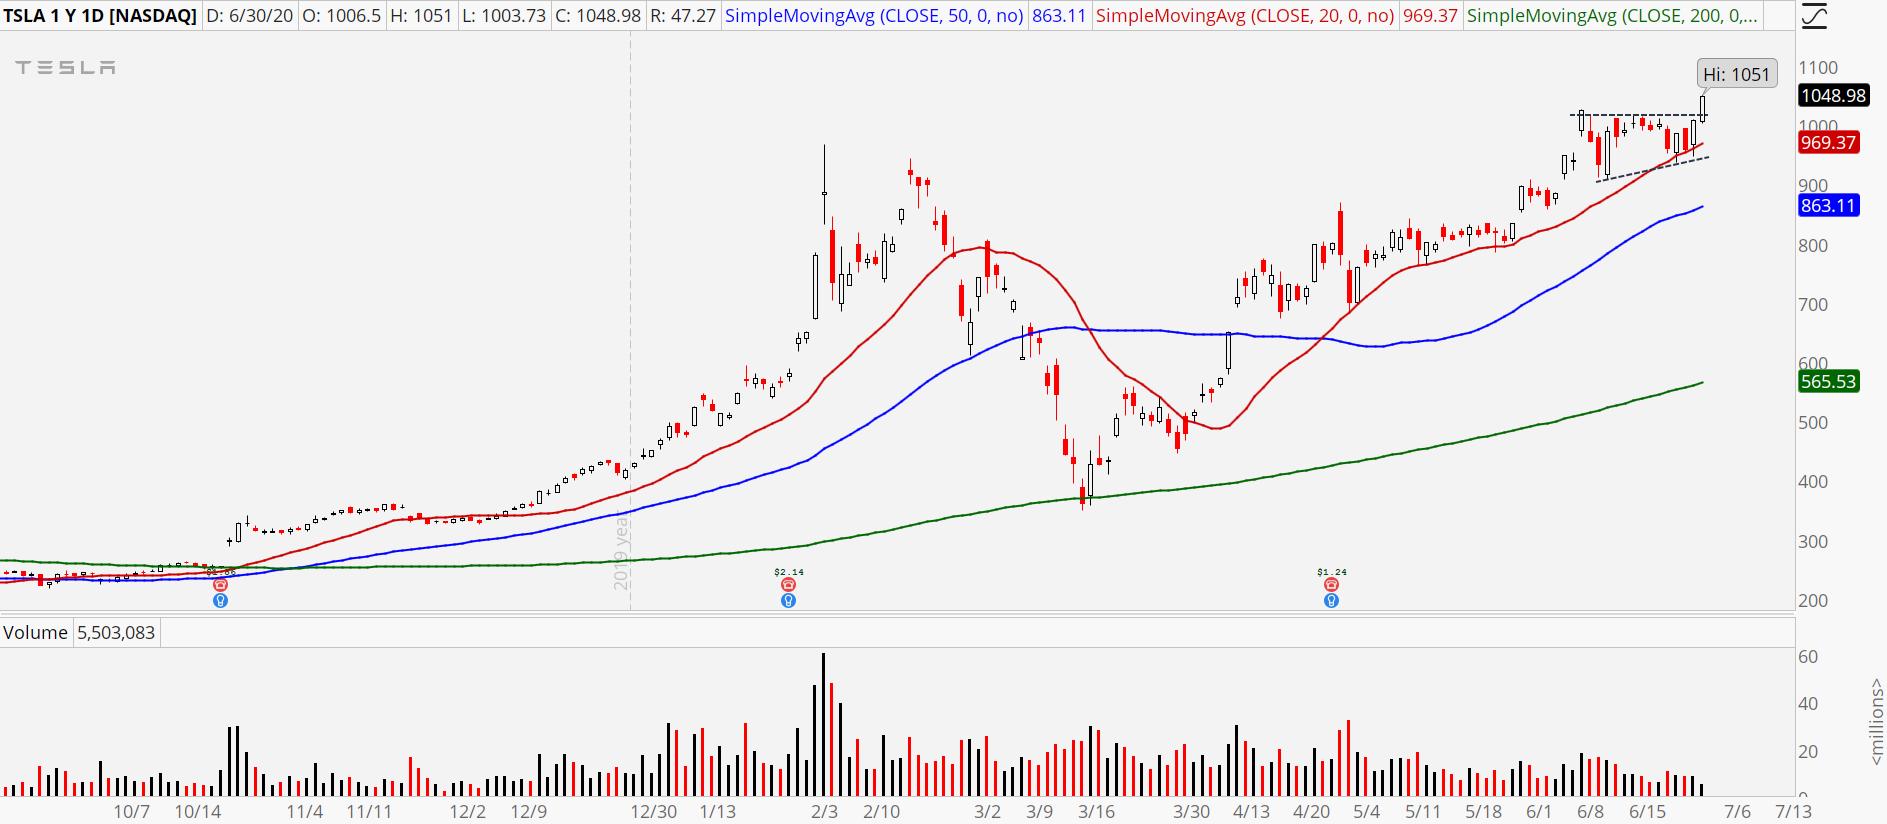 Breakout Stocks: TSLA